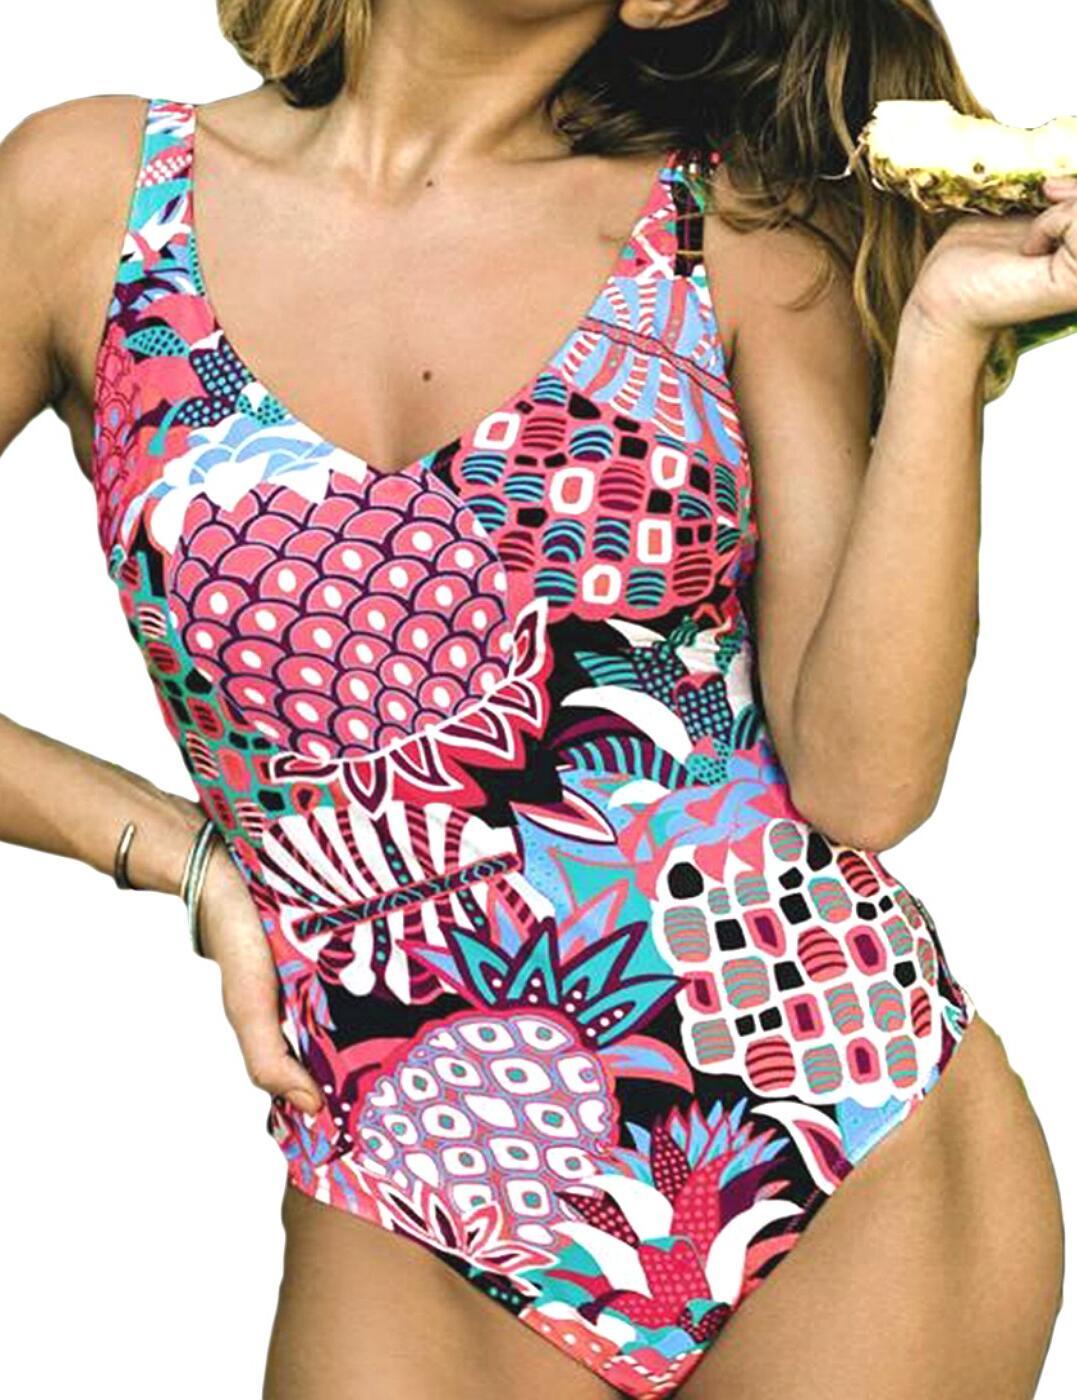 7733 Rosa Faia by Anita Carina Non-Wired Swimsuit - 7733 Fuchsia Purple (Multi Print)